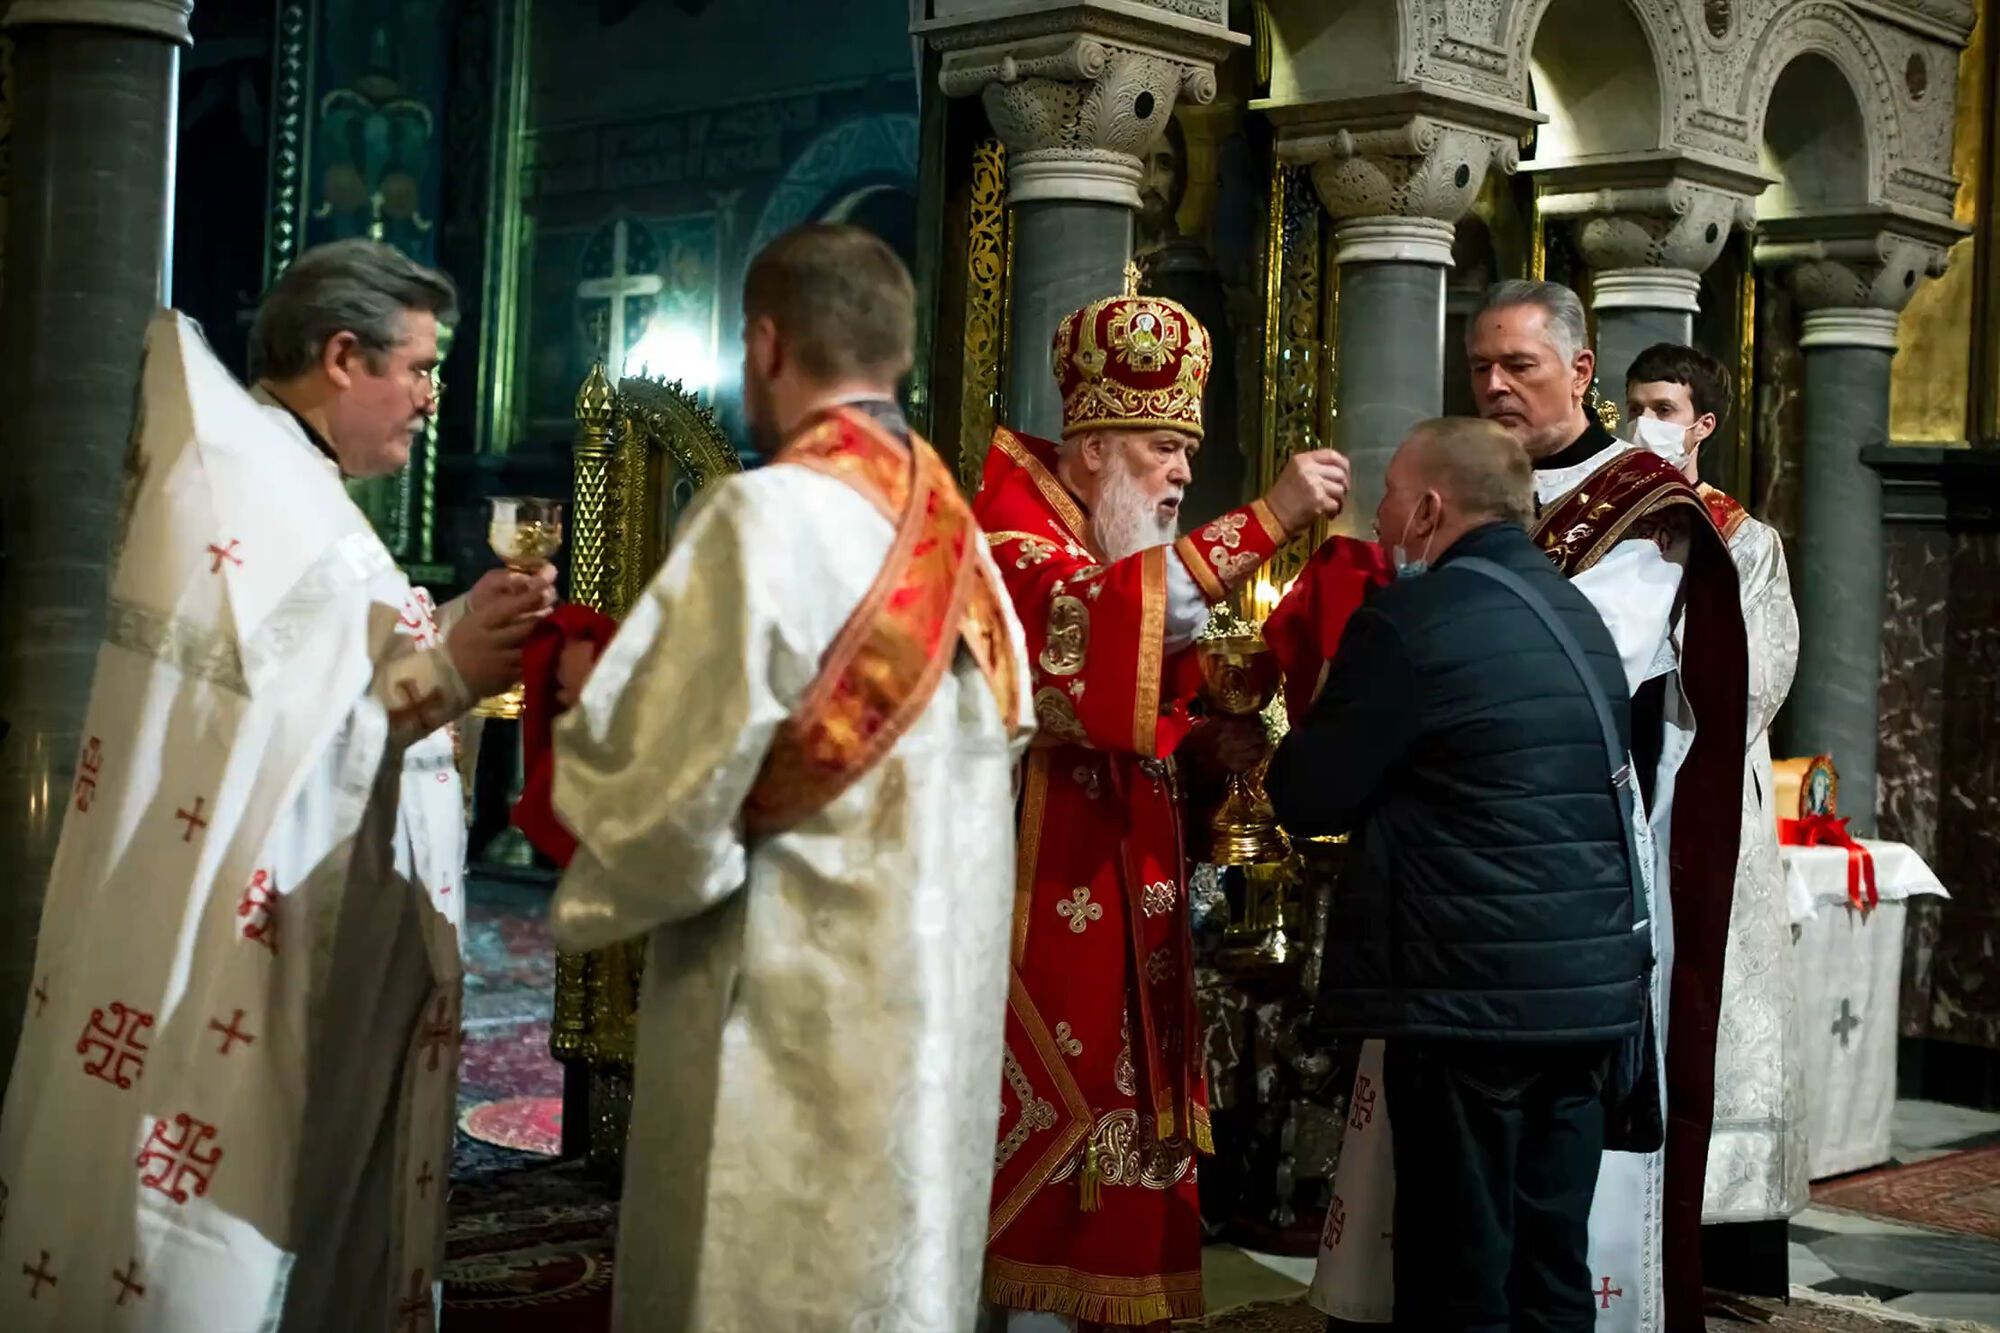 Филарет на Пасху причащал прихожан из одной ложки и давал целовать Библию